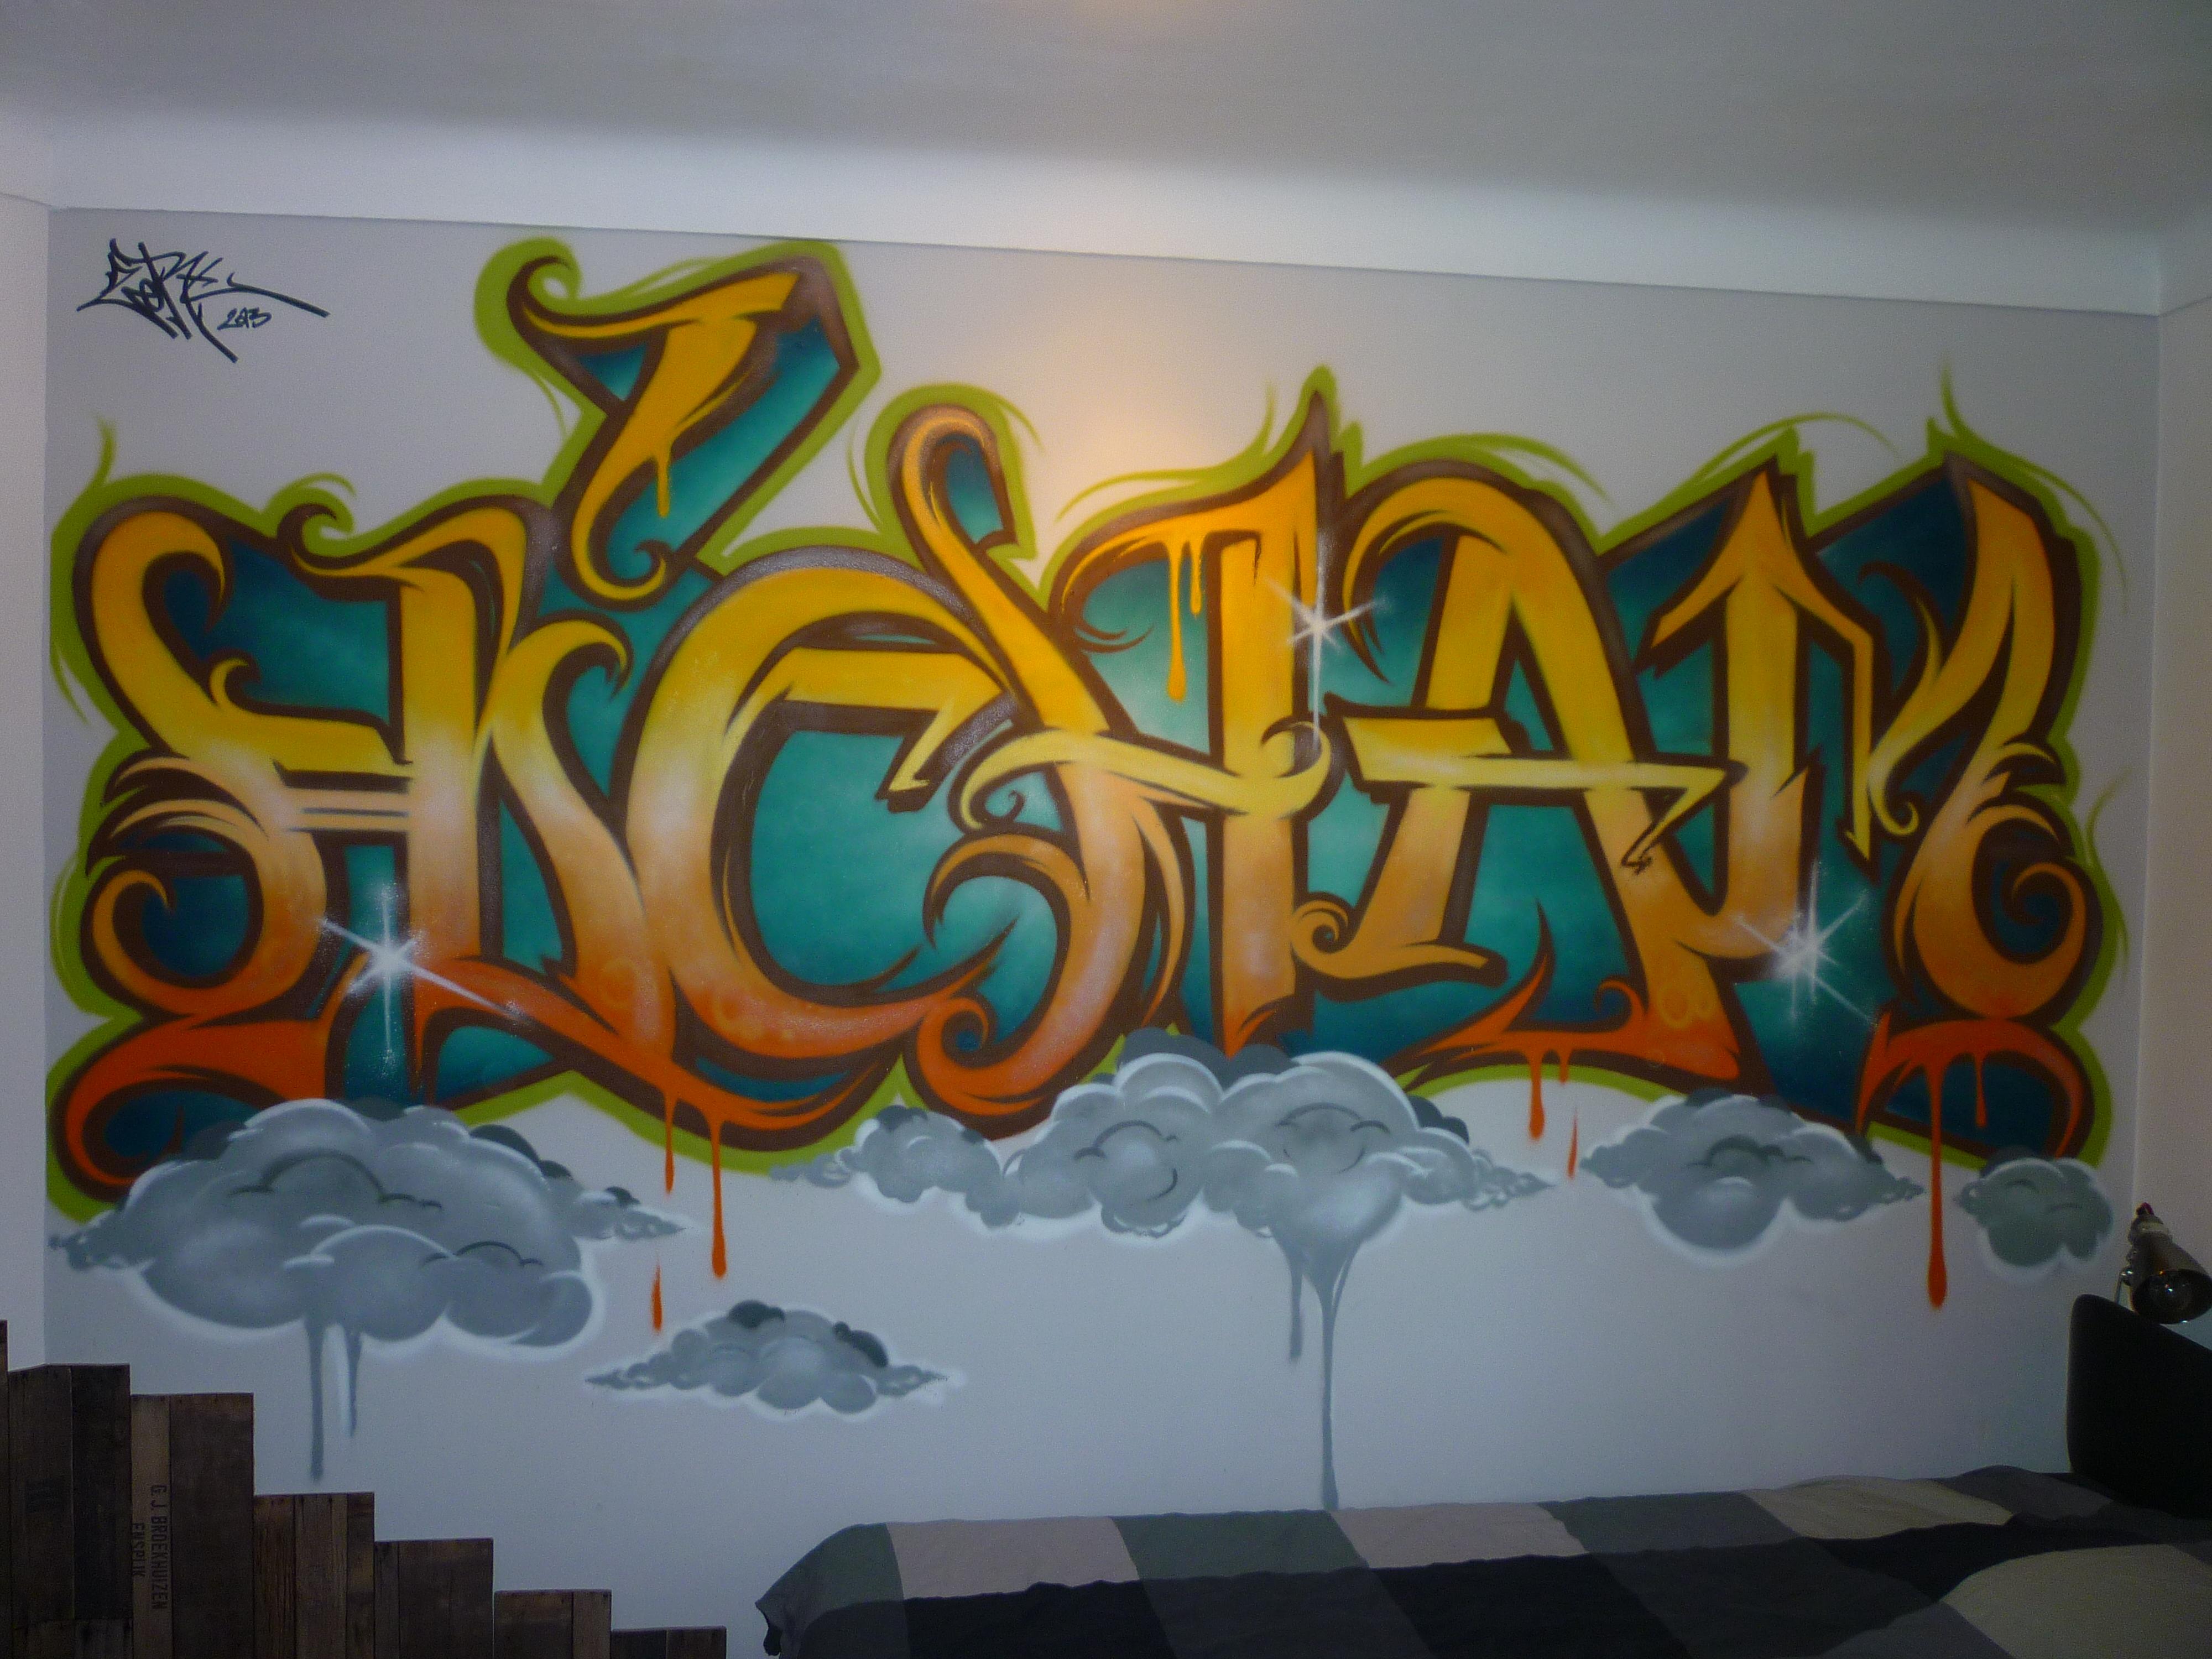 Graffiti street art décoration intérieur pour une chambre dado lettrage hicham en 2013 à